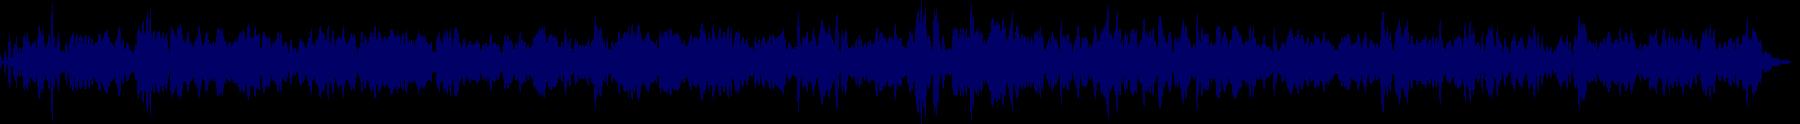 waveform of track #68700